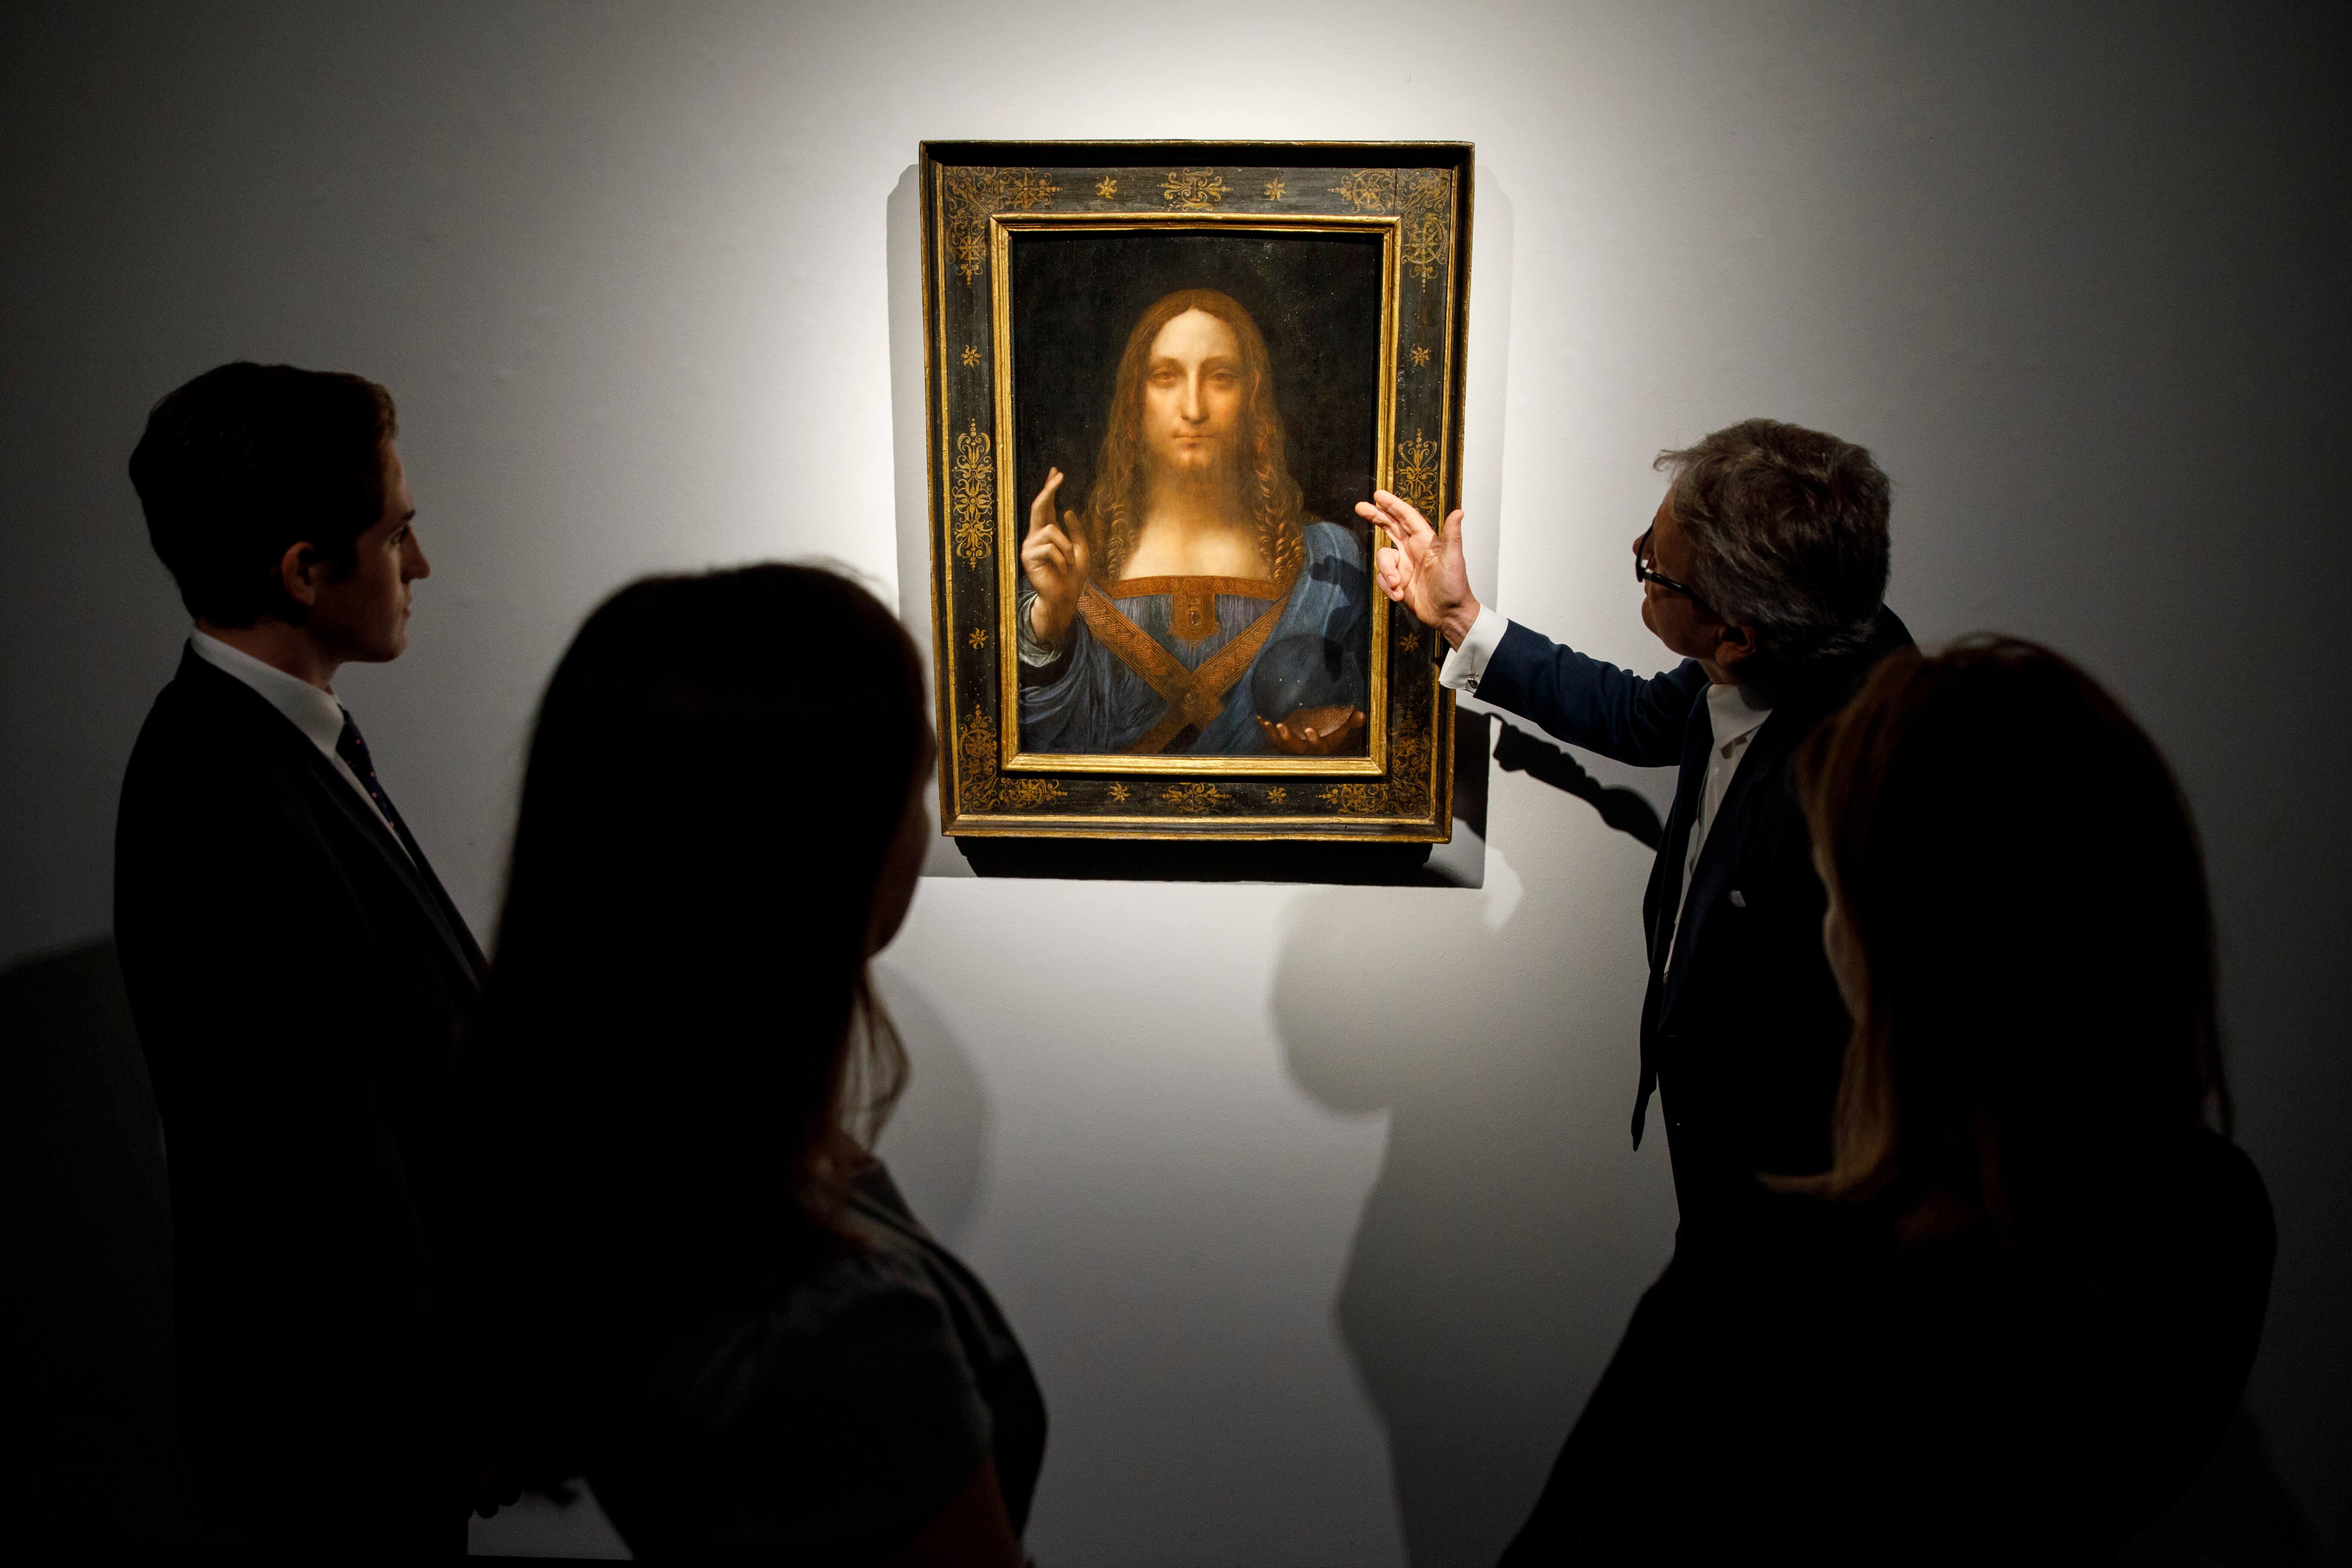 Las 10 obras de arte más caras de la historia vendidas